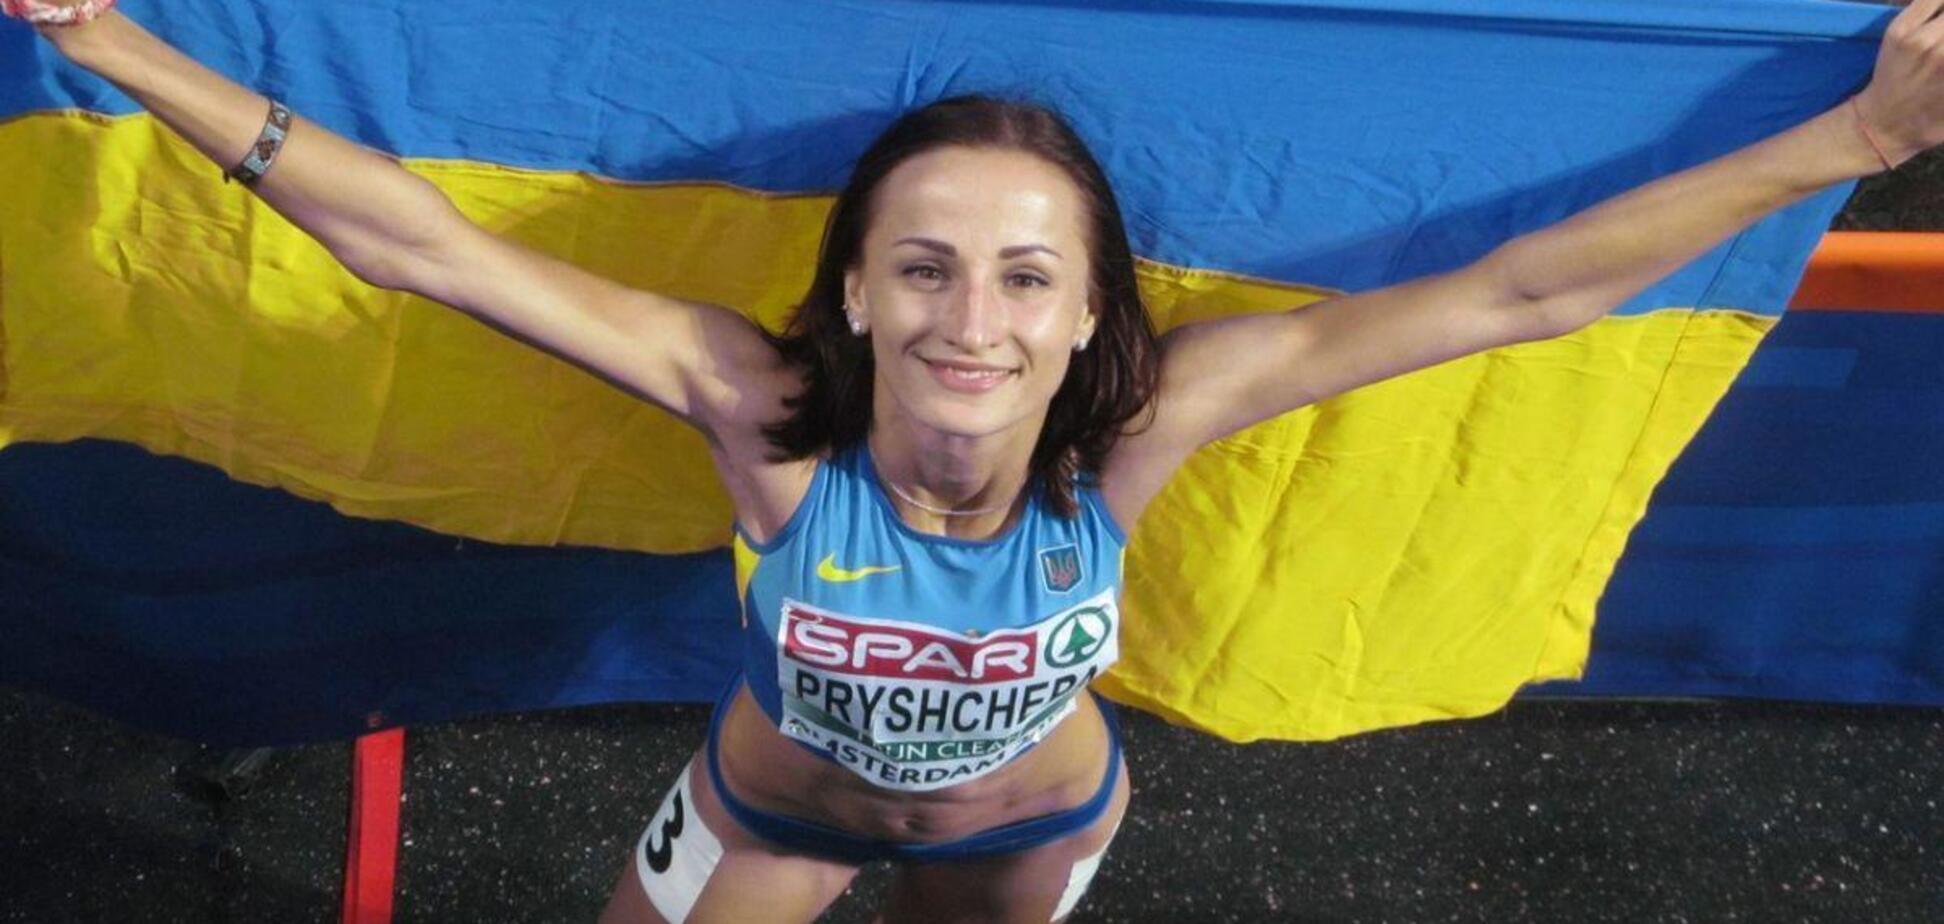 'Головою в двері': в мережі показали жахливі умови тренування української чемпіонки Європи